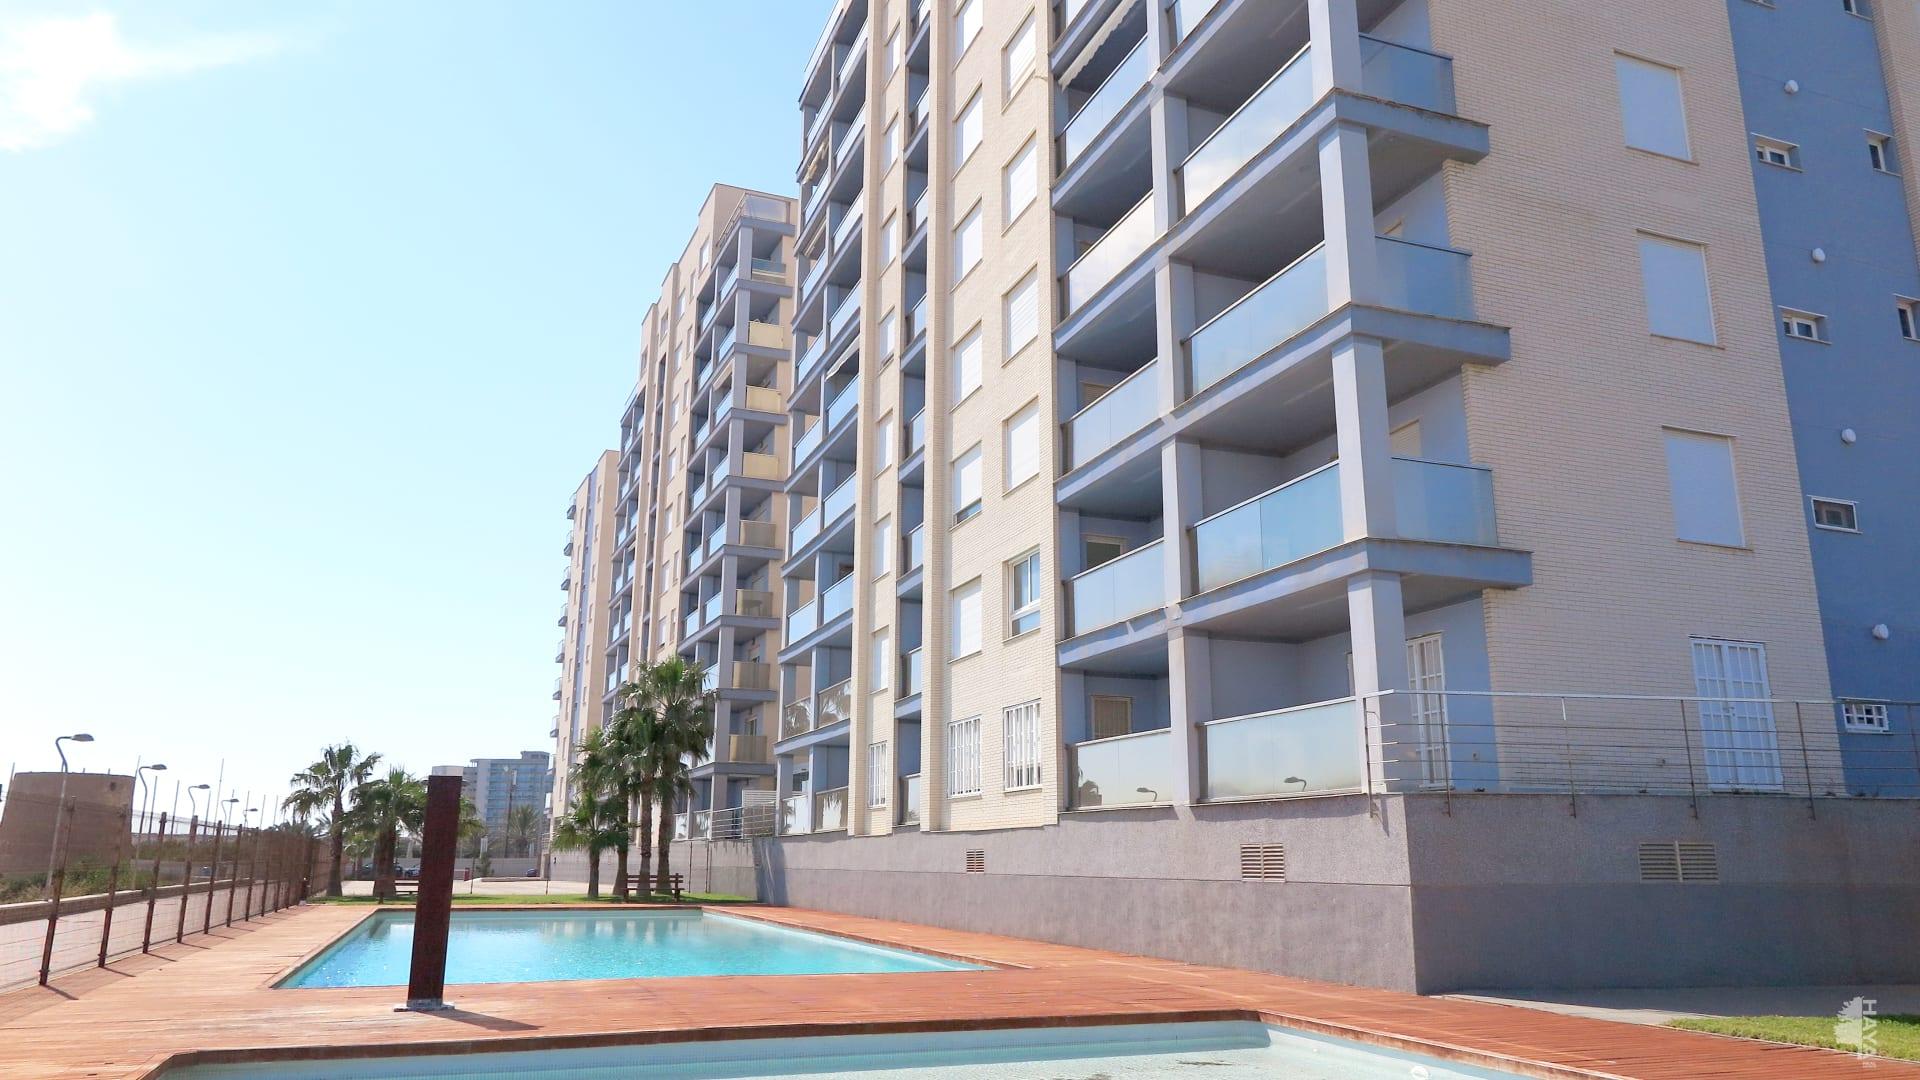 Piso en venta en San Javier, Murcia, Calle Prolongación Pol F. Conj Resid. Veneziola Golf Ii, 122.000 €, 2 habitaciones, 2 baños, 63 m2